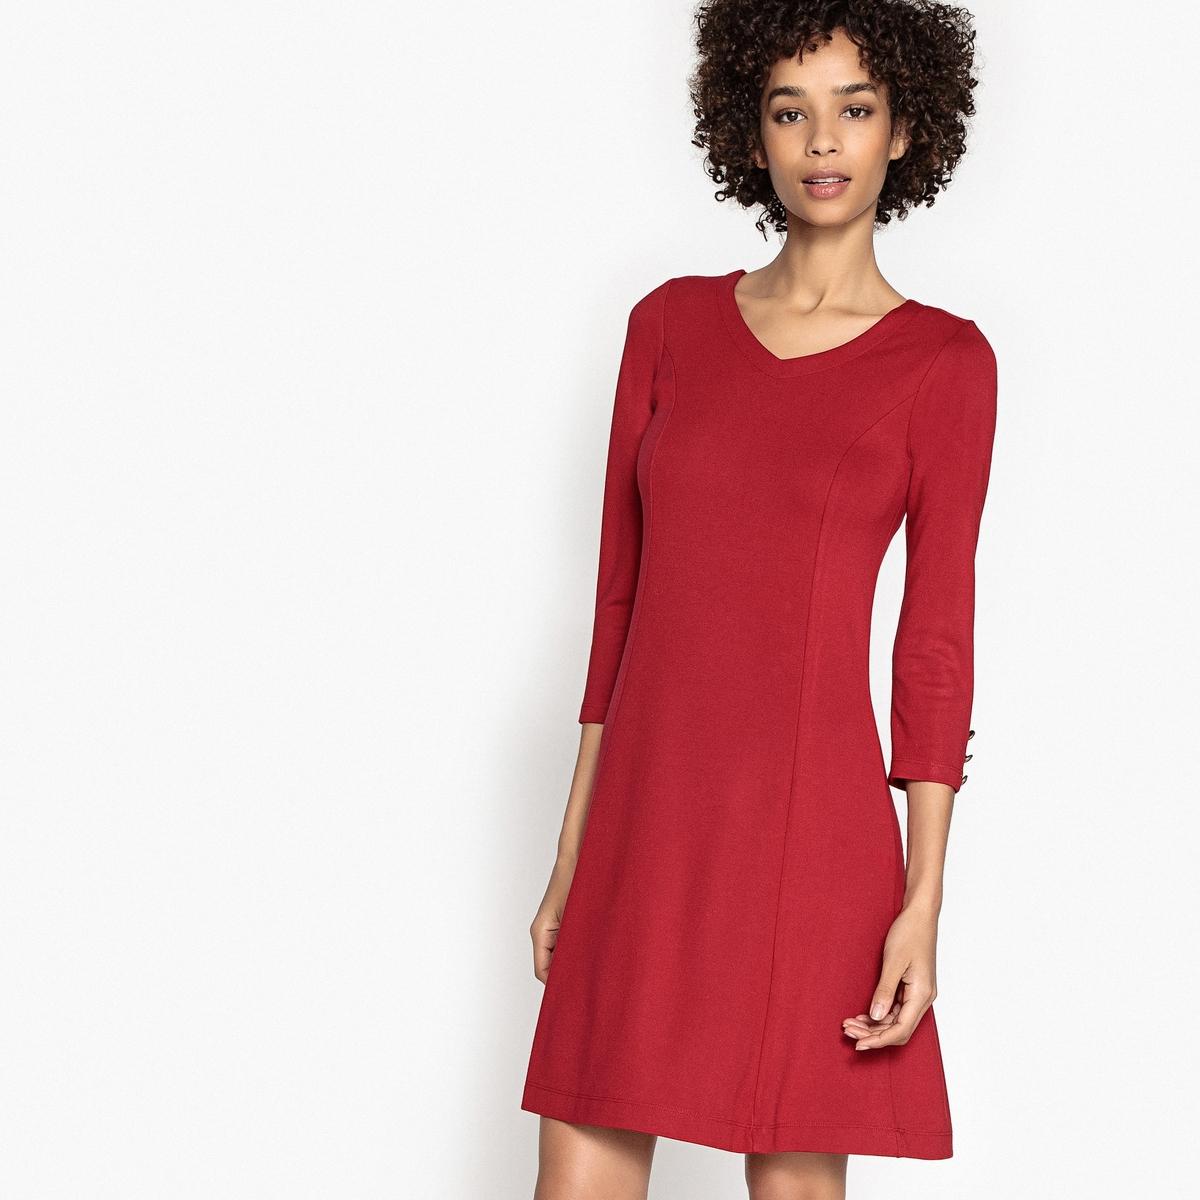 Платье однотонное расклешенного и короткого покроя с рукавами 3/4Детали •  Форма : расклешенная •  Укороченная модель •  Рукава 3/4    •   V-образный вырезСостав и уход •  83% вискозы, 3% эластана, 14% полиэстера •  Следуйте рекомендациям по уходу, указанным на этикетке изделия<br><br>Цвет: красный<br>Размер: 36 (FR) - 42 (RUS)